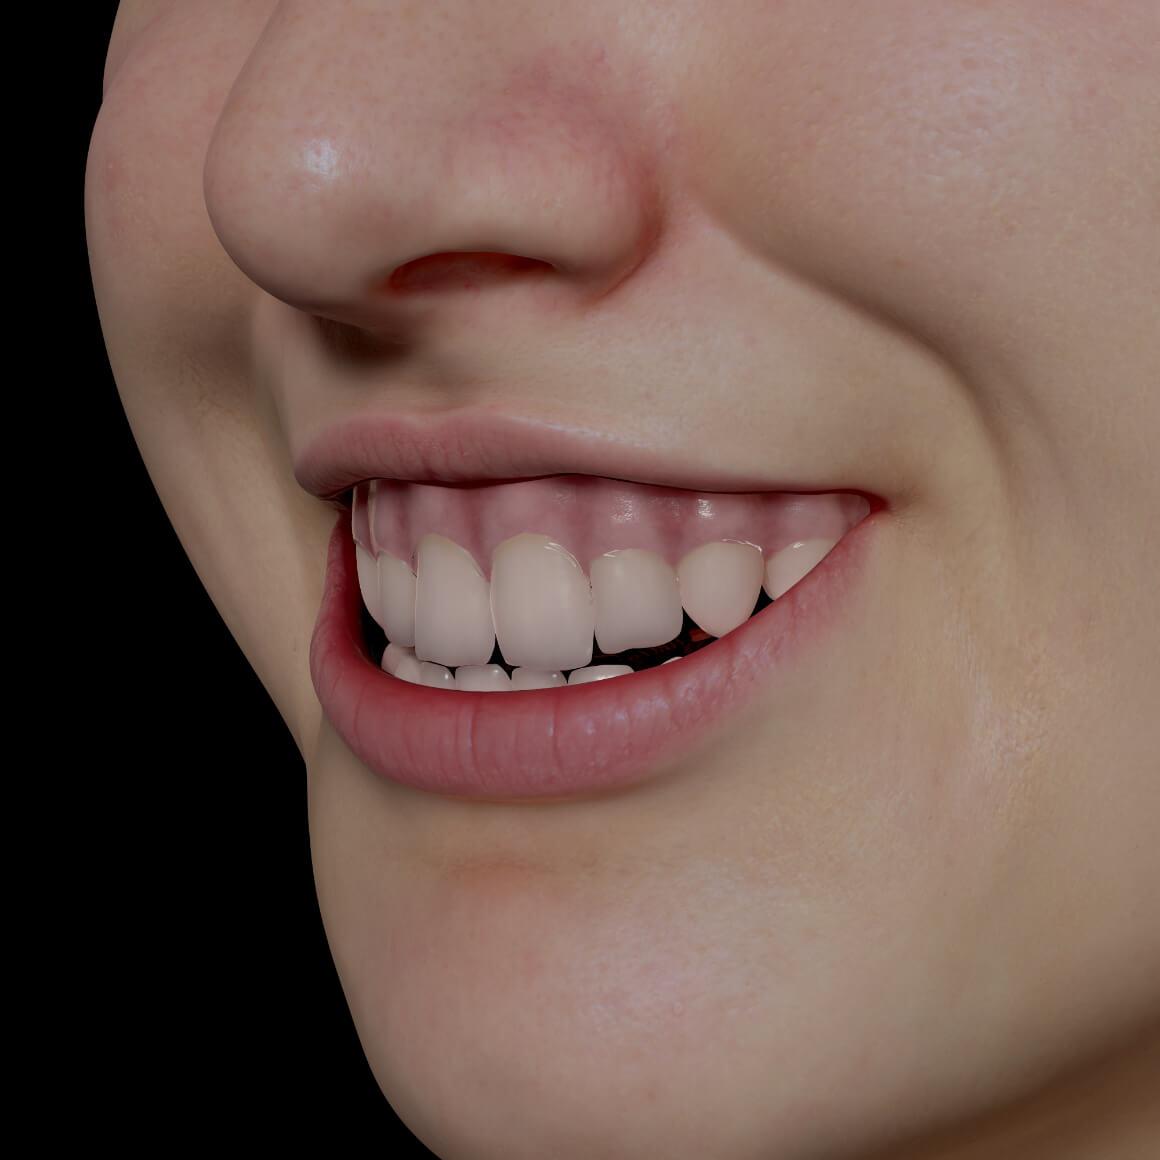 Sourire gingival d'une patiente de la Clinique Chloé positionnée en angle